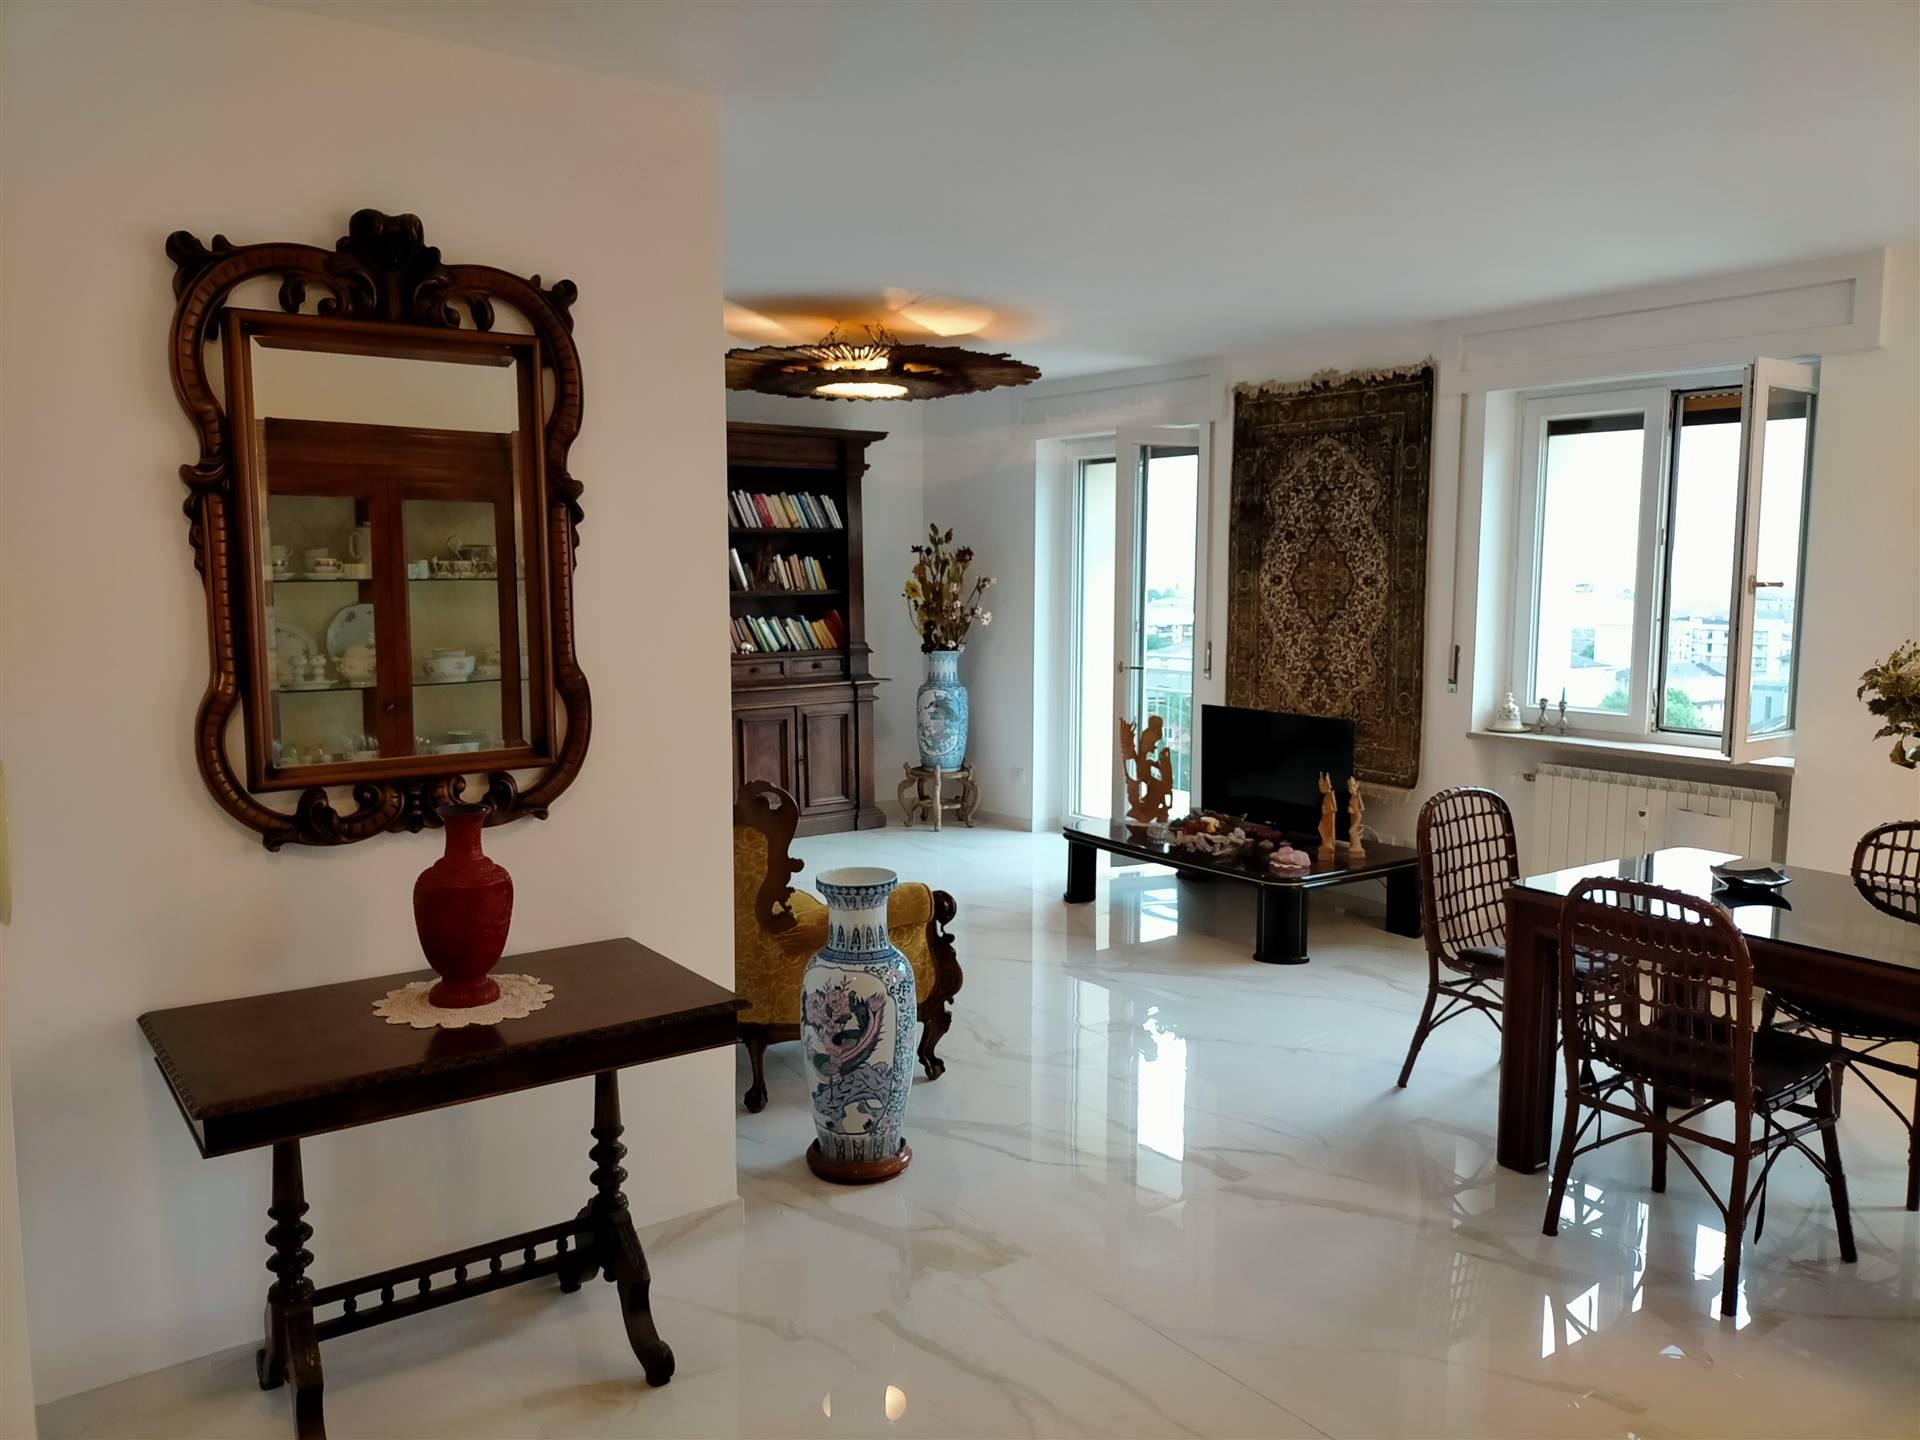 Appartamento in vendita a Aosta, 5 locali, zona Zona: Centro, prezzo € 415.000 | CambioCasa.it